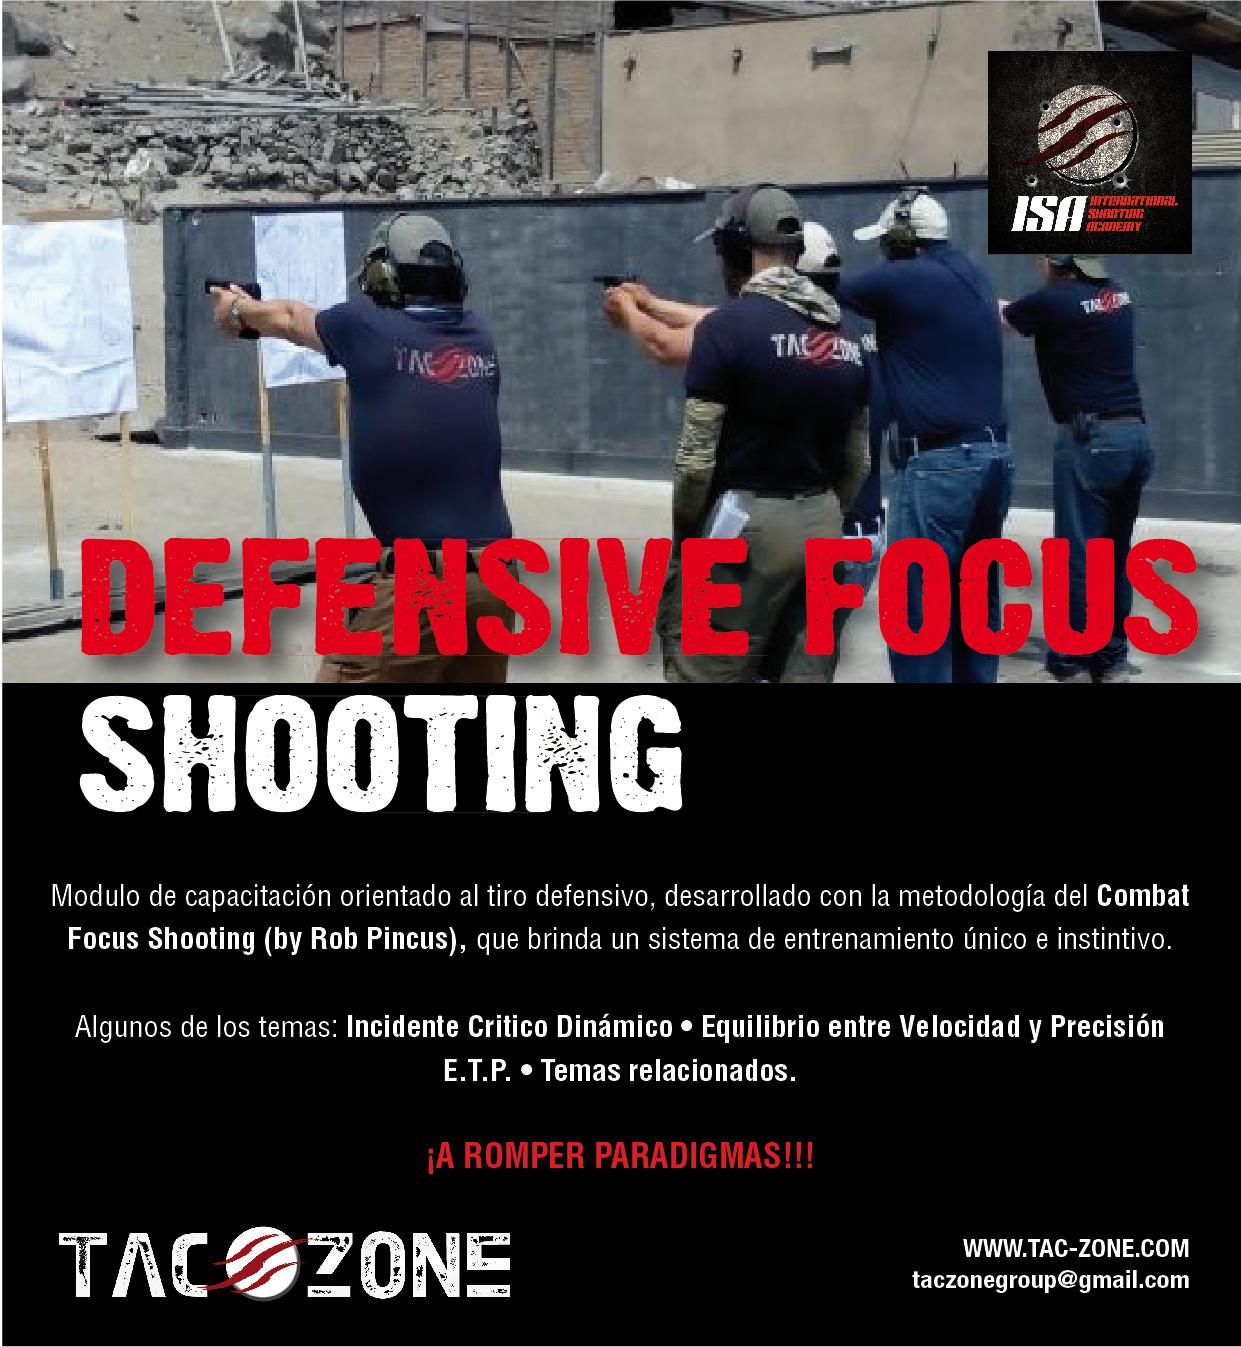 Curso Defense Focus Shooting pistola en Perú gracias a Tac-Zone - Por Redacción Espacio Armas